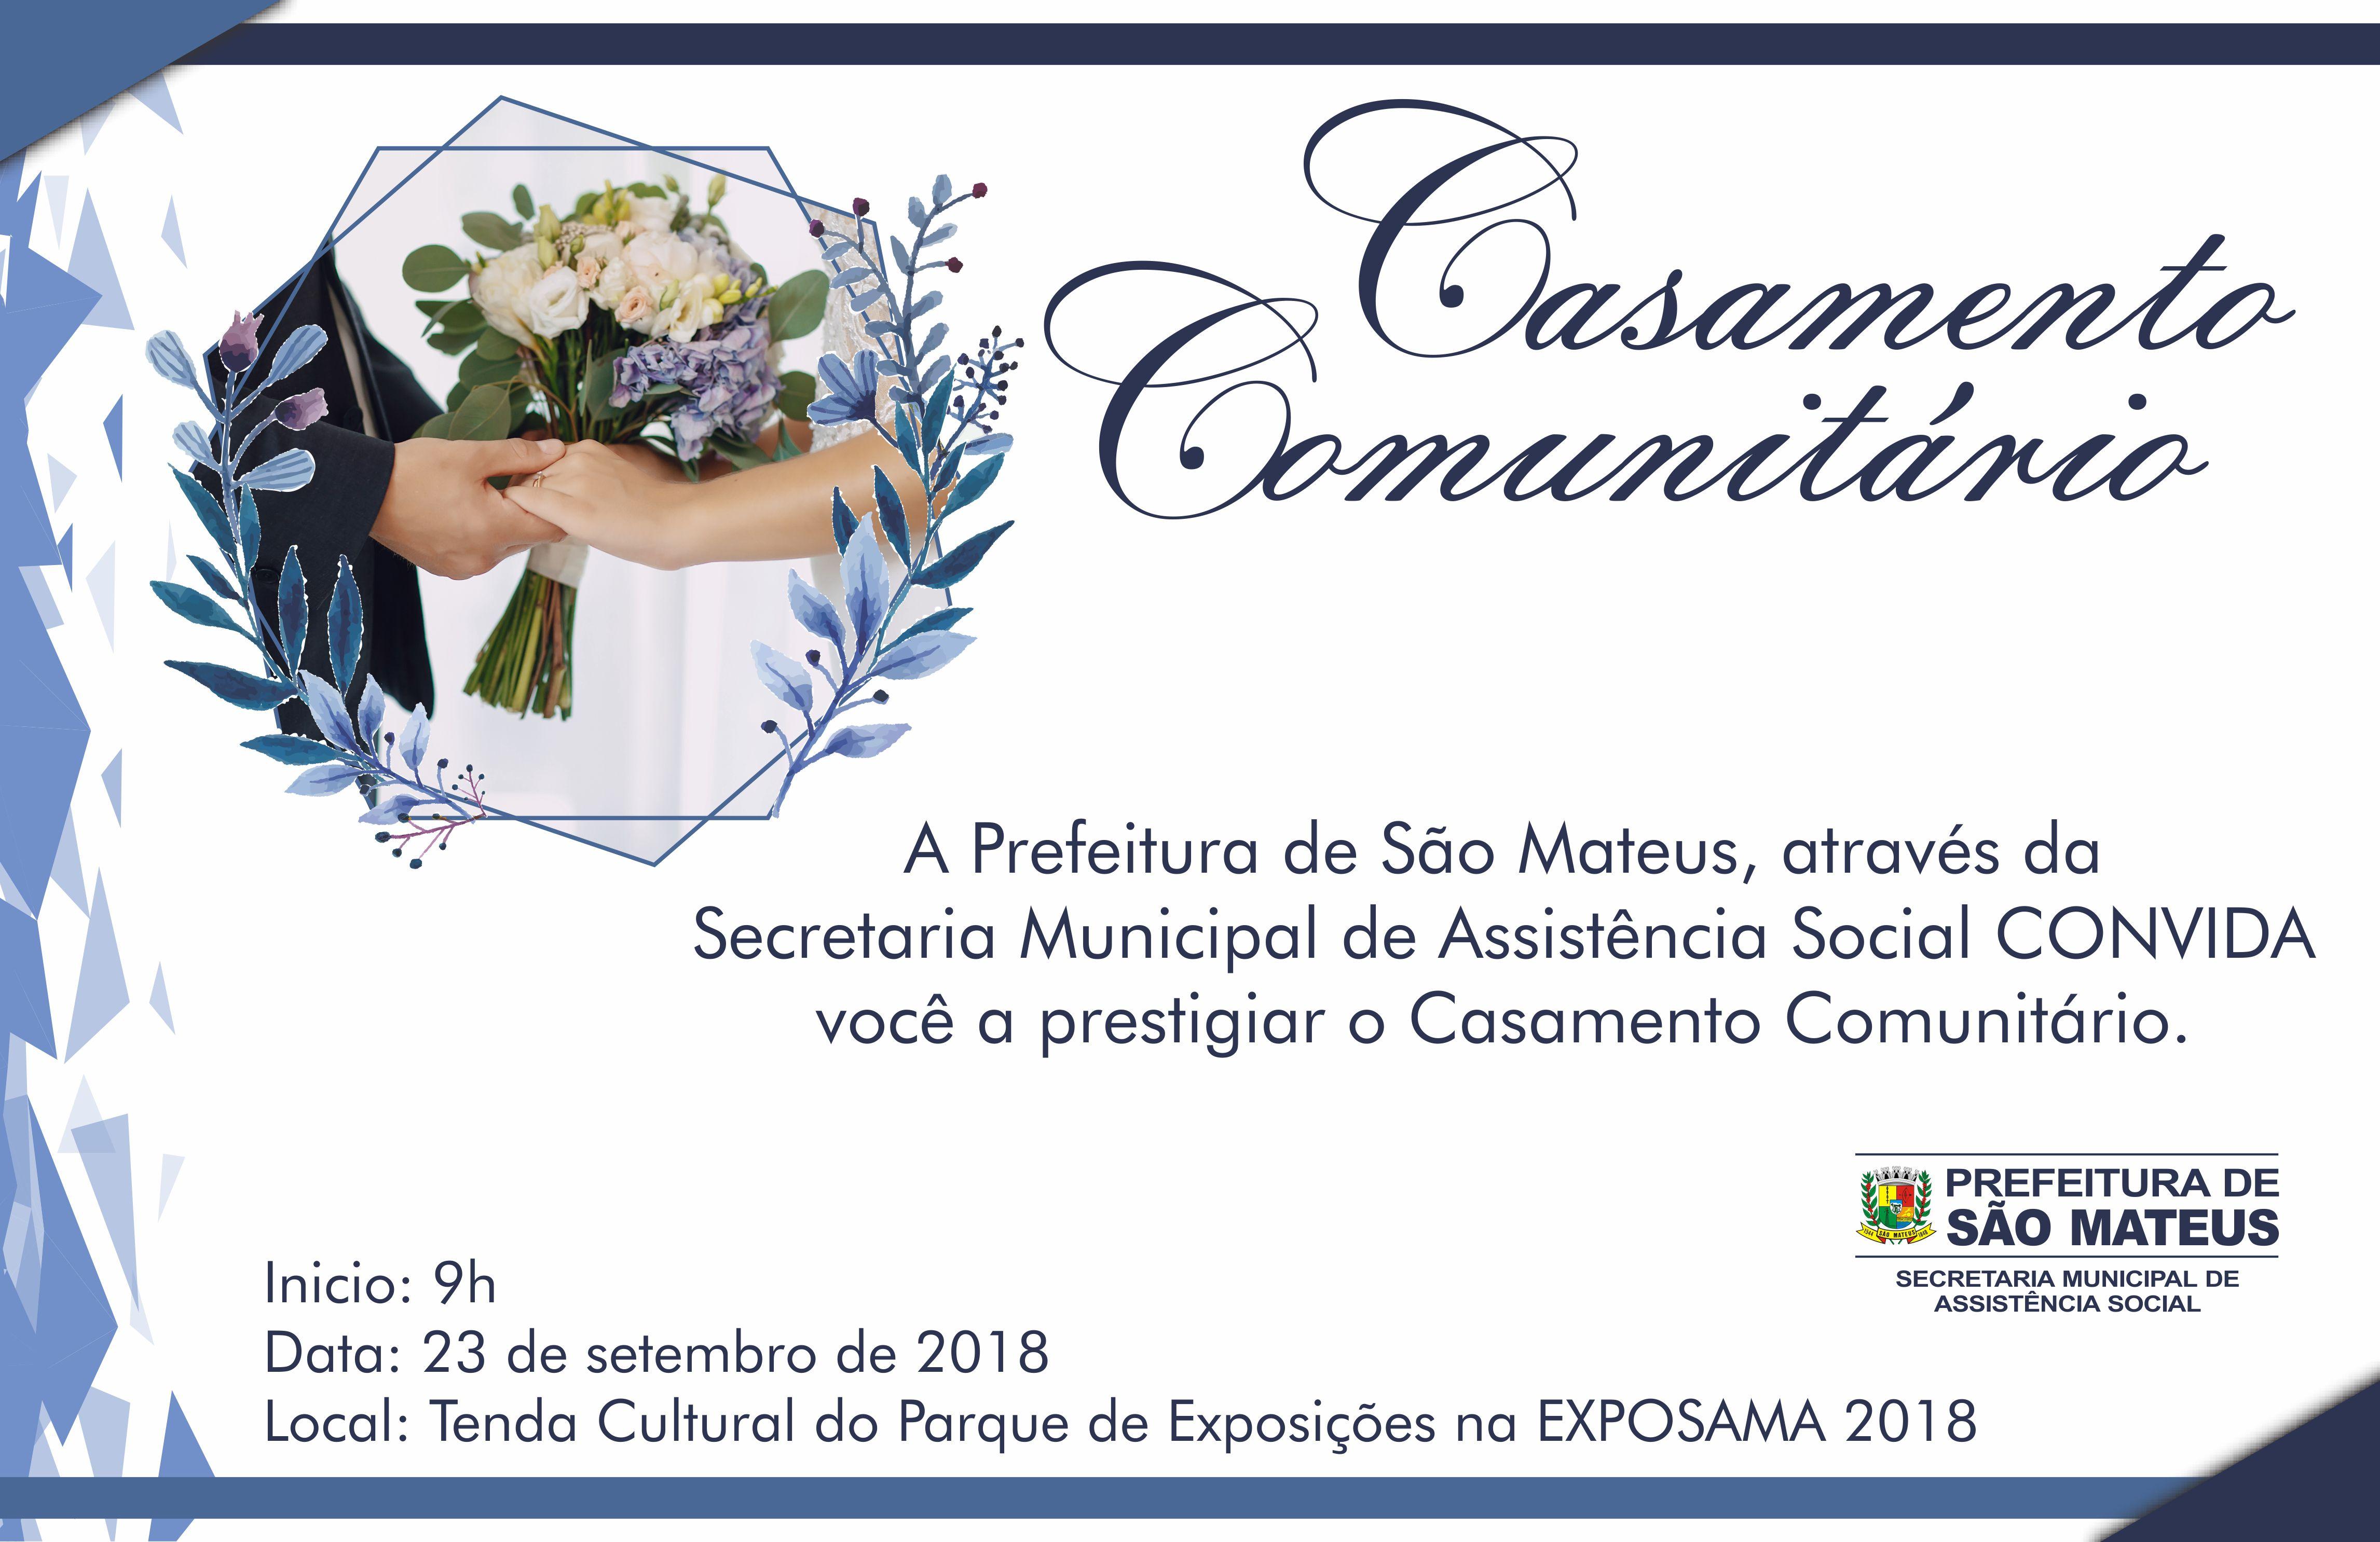 Convite Casamento Comunitário